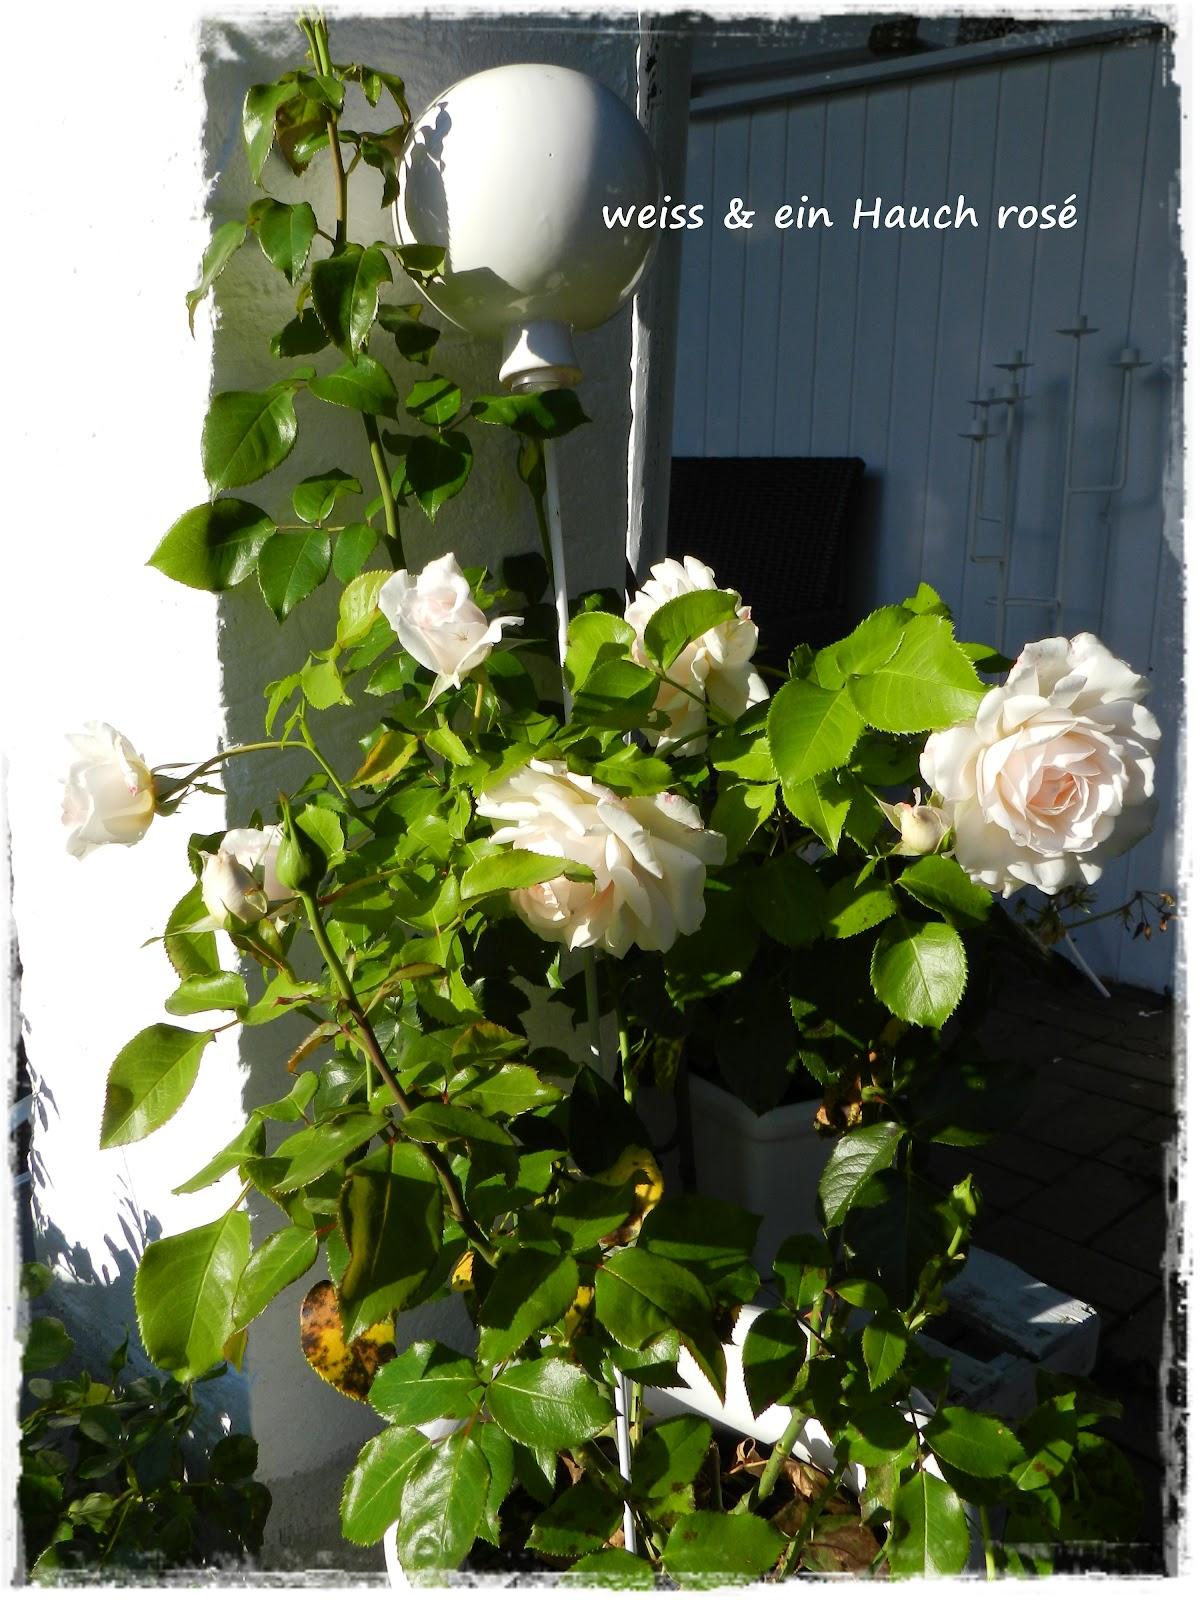 wei ein hauch ros lesestoff die letzten rosen. Black Bedroom Furniture Sets. Home Design Ideas